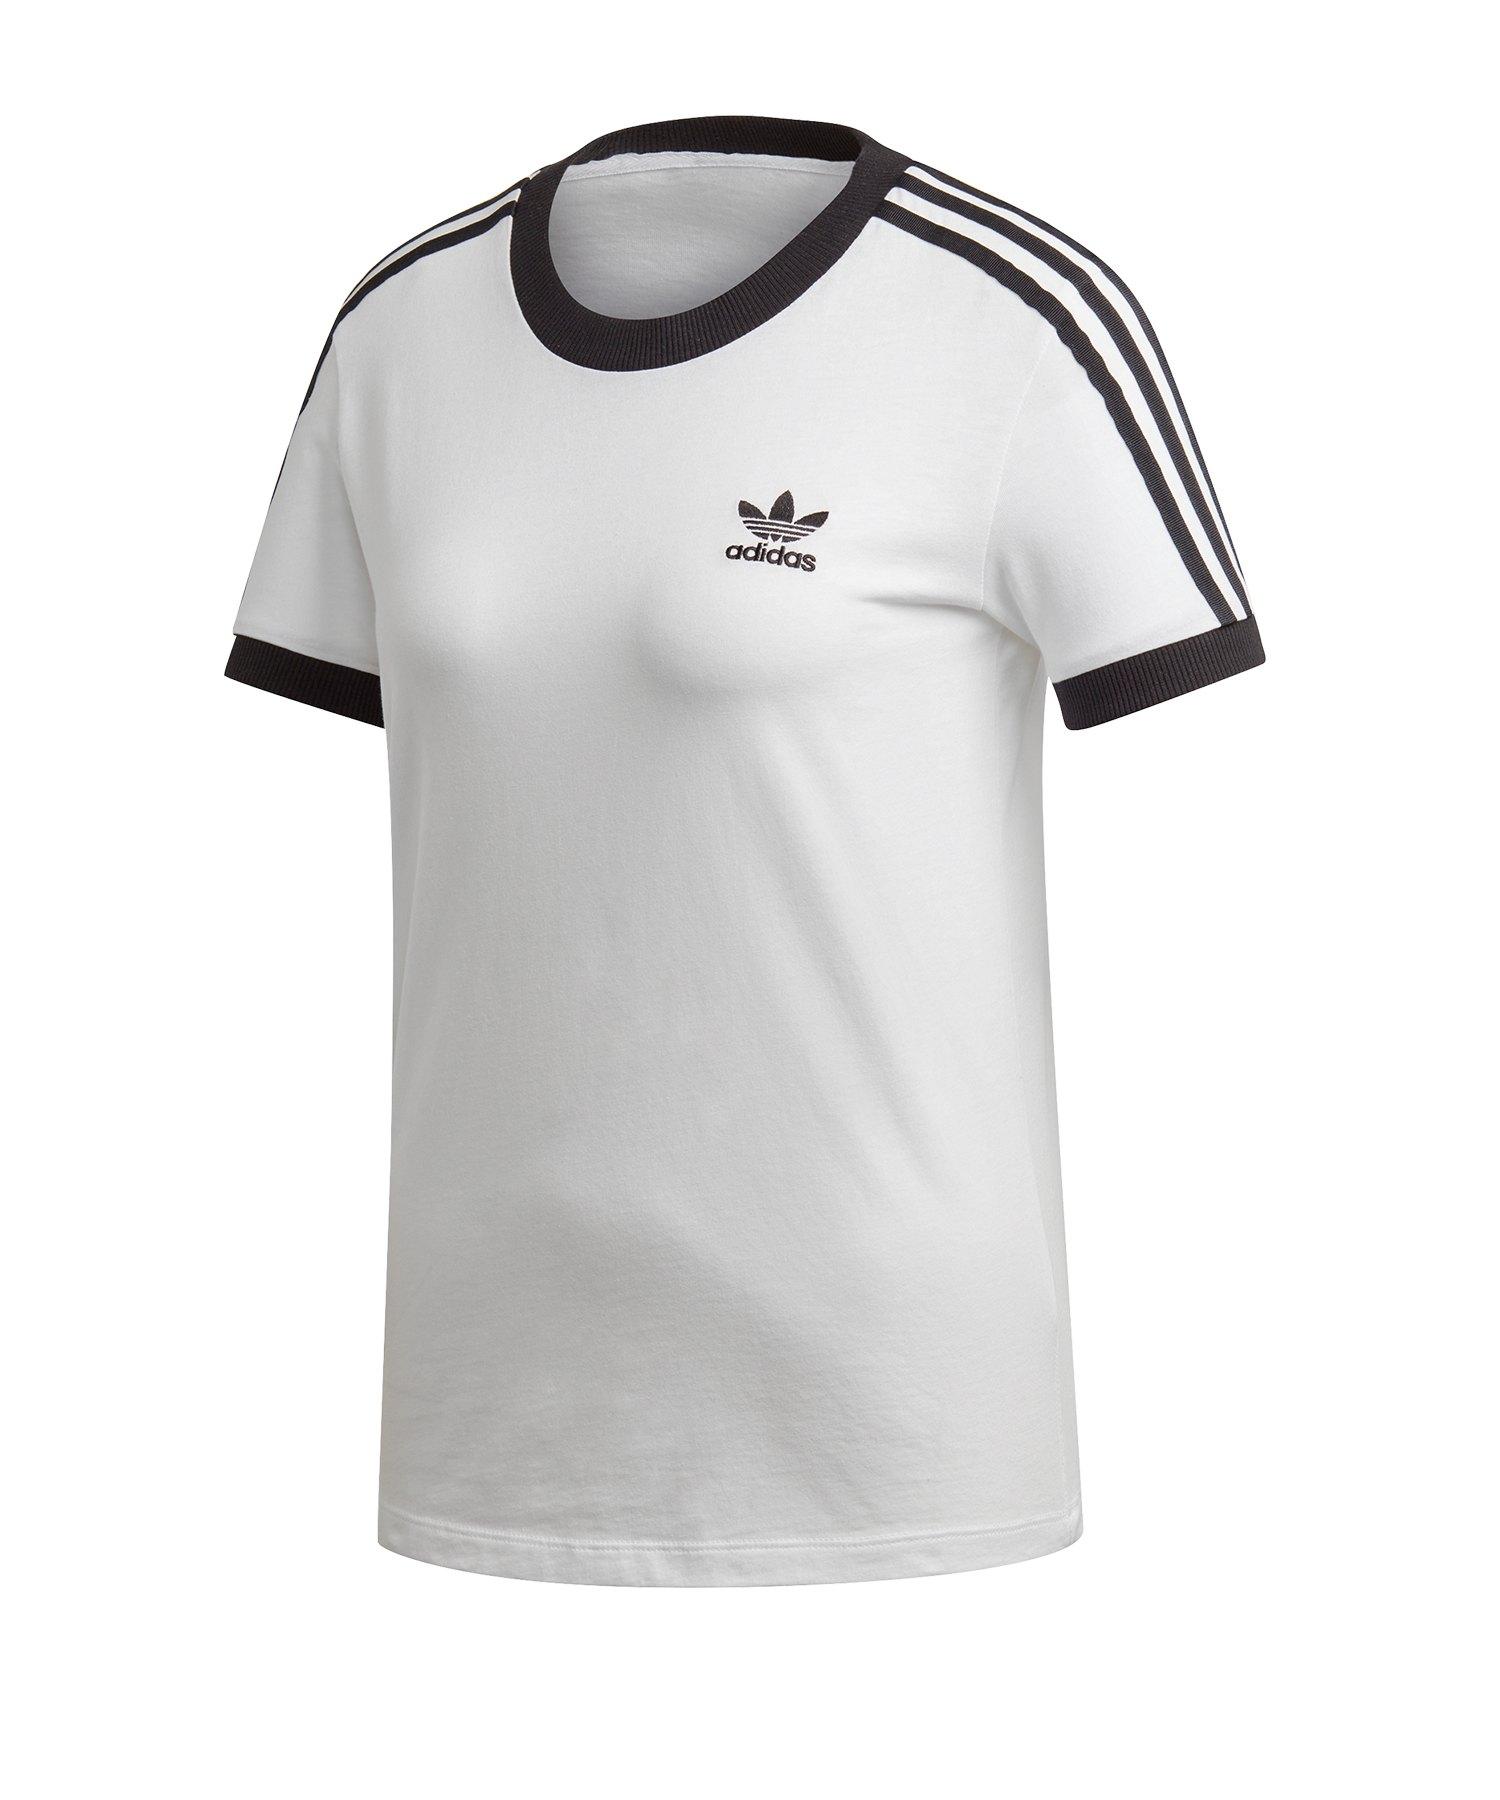 adidas Originals 3 Stripes T Shirt Damen Weiss